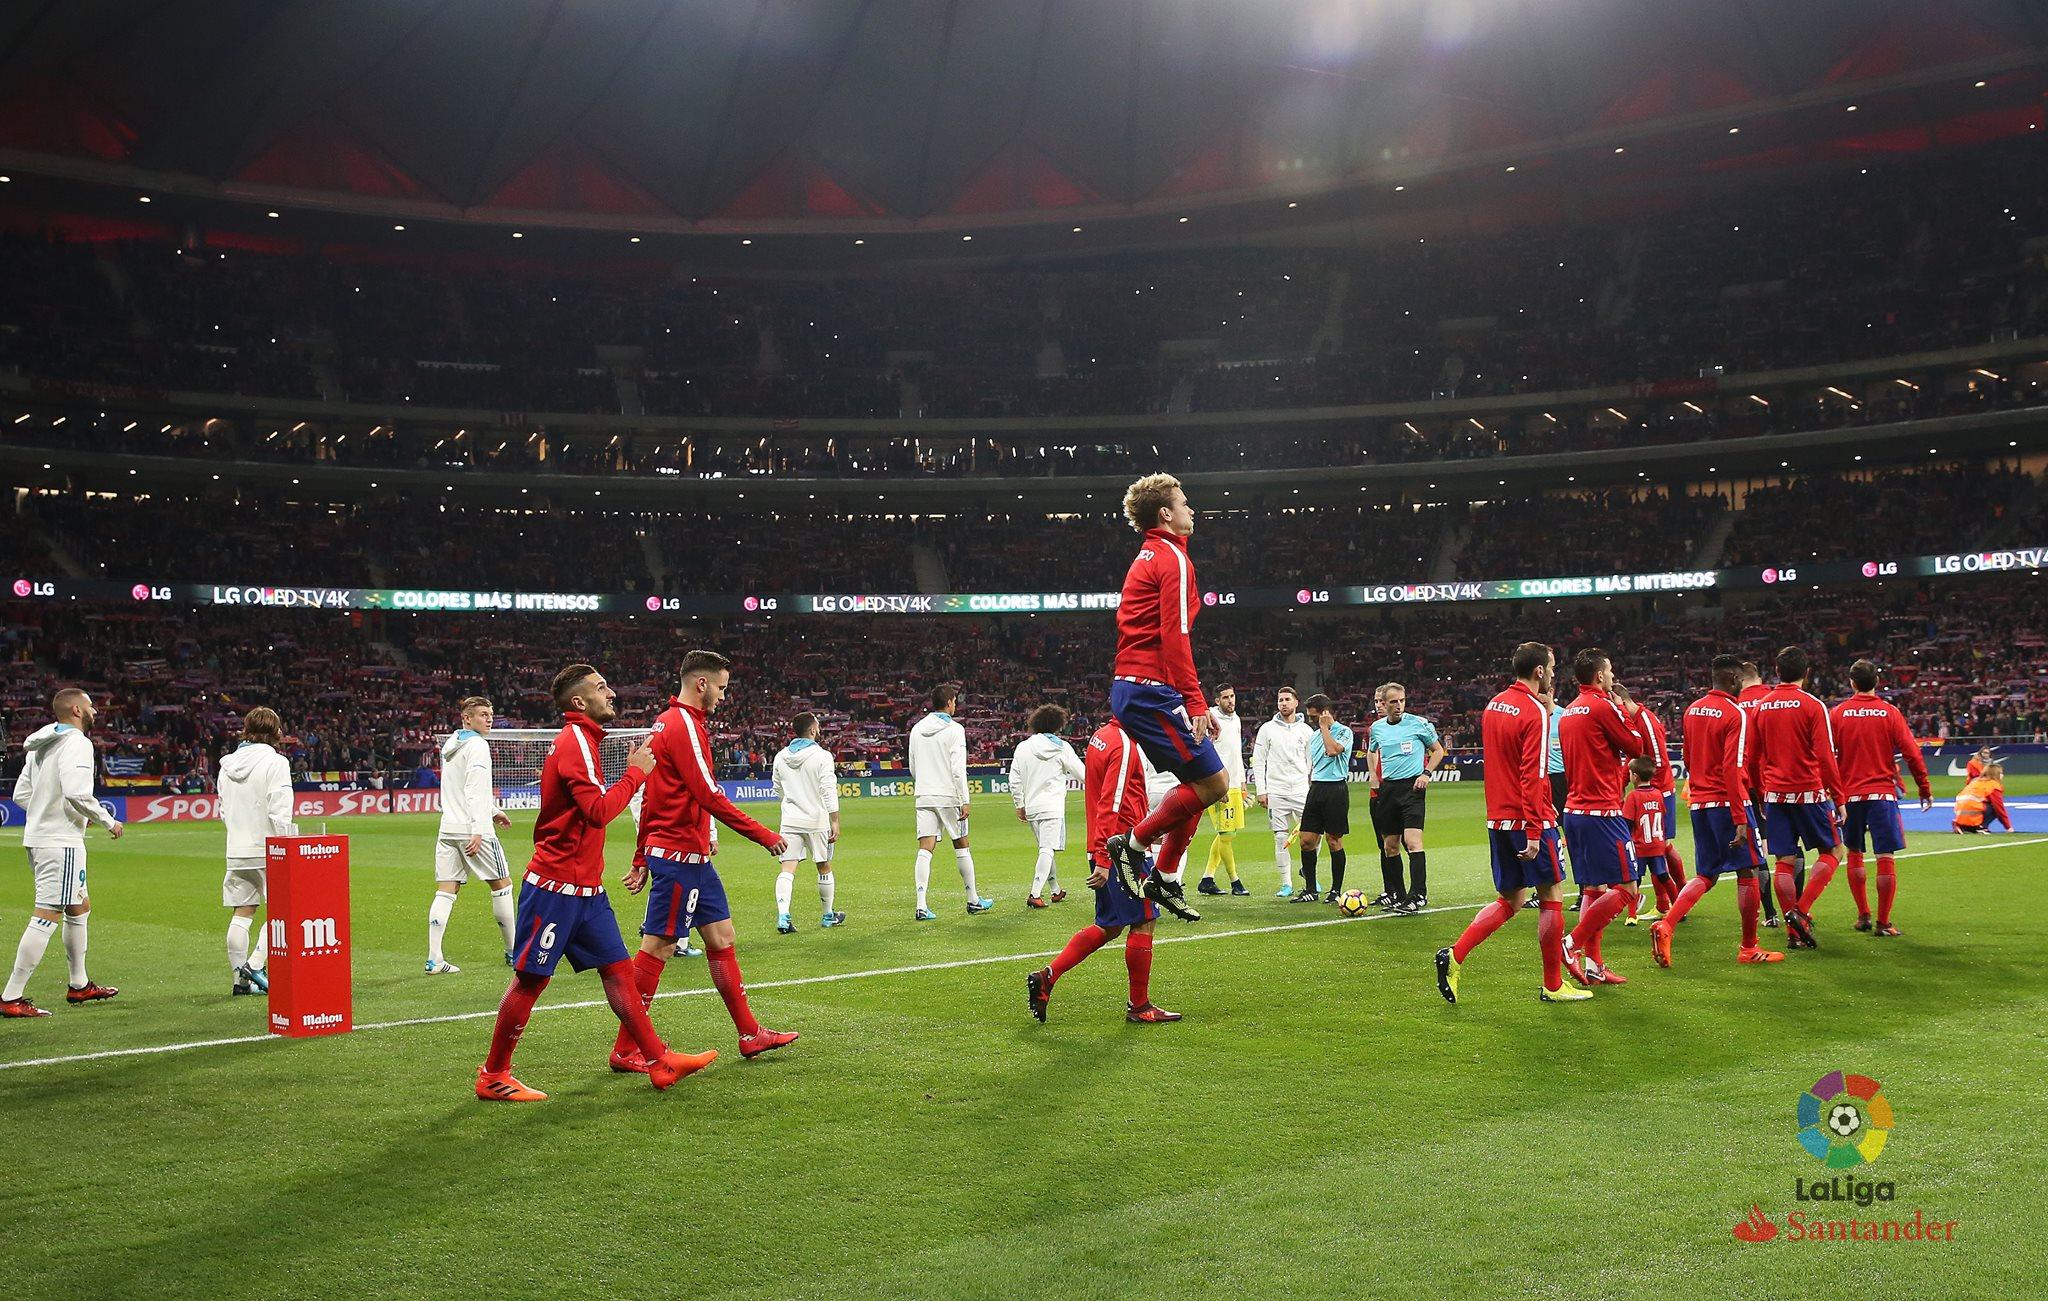 مبارة ريال مدريد واتلتيكو مدريد (6)